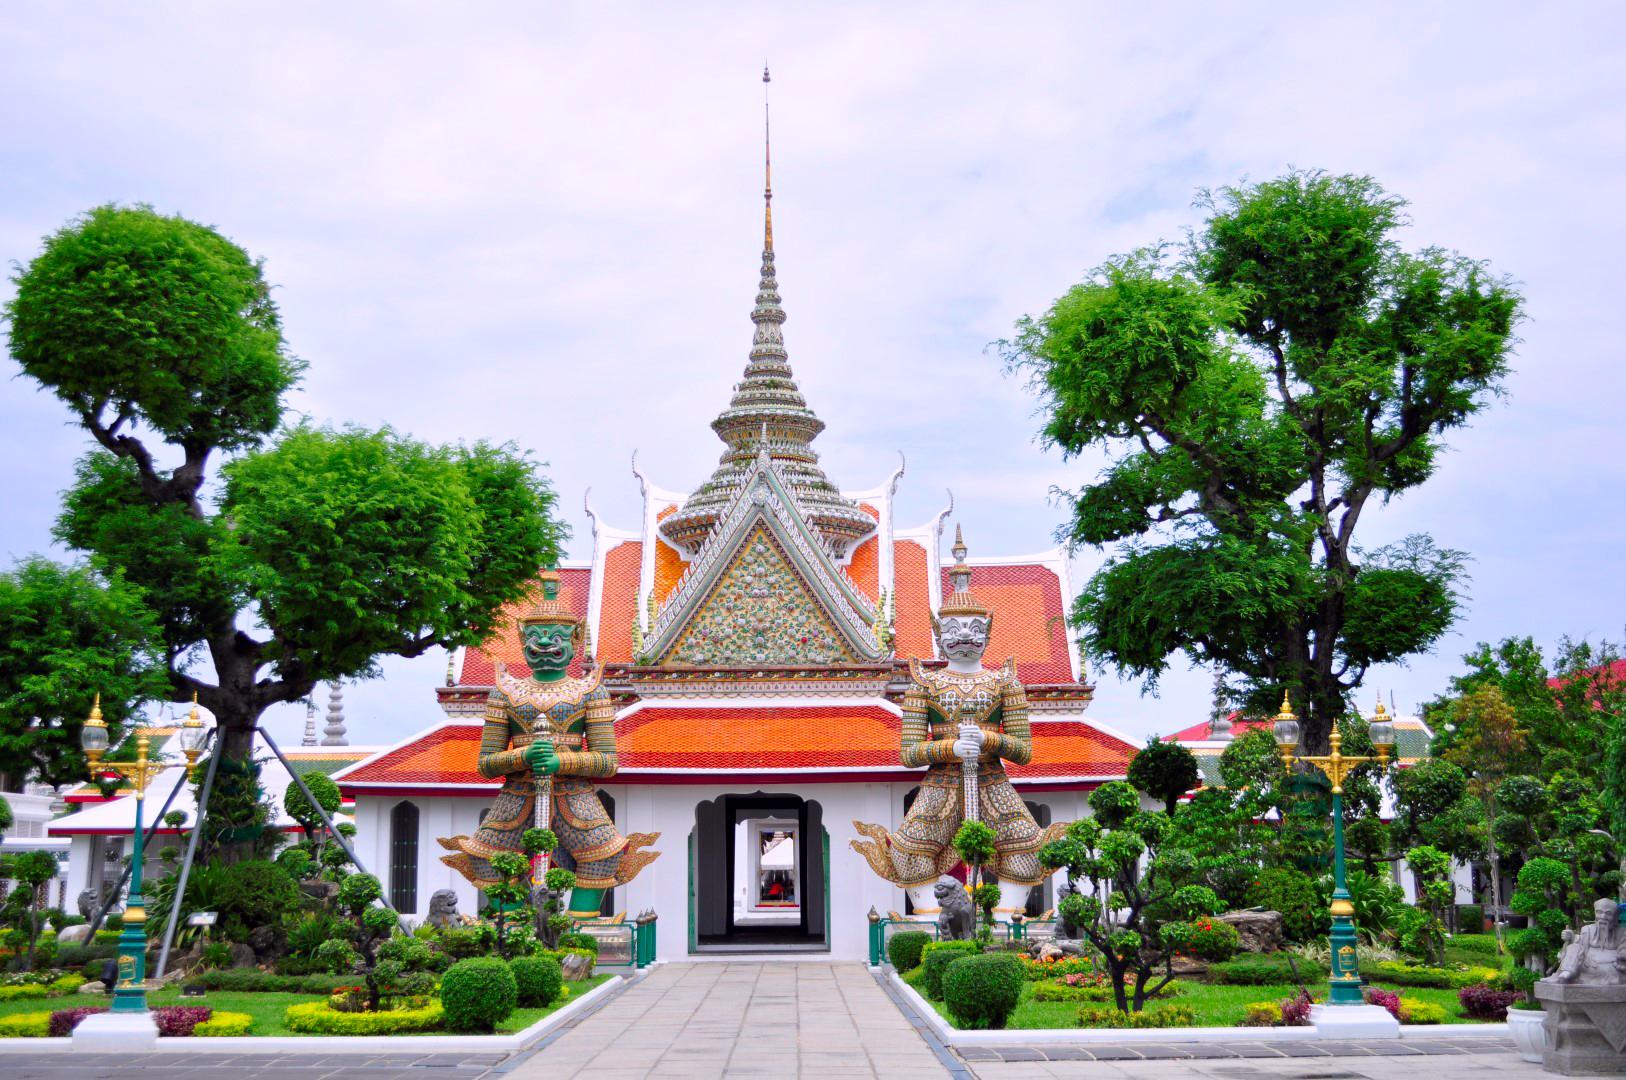 Qué hacer en Bangkok, qué ver en Bangkok, Tailandia qué hacer en bangkok - 40578969491 3bbd2749d7 o - Qué hacer en Bangkok para descubrir su estilo de vida